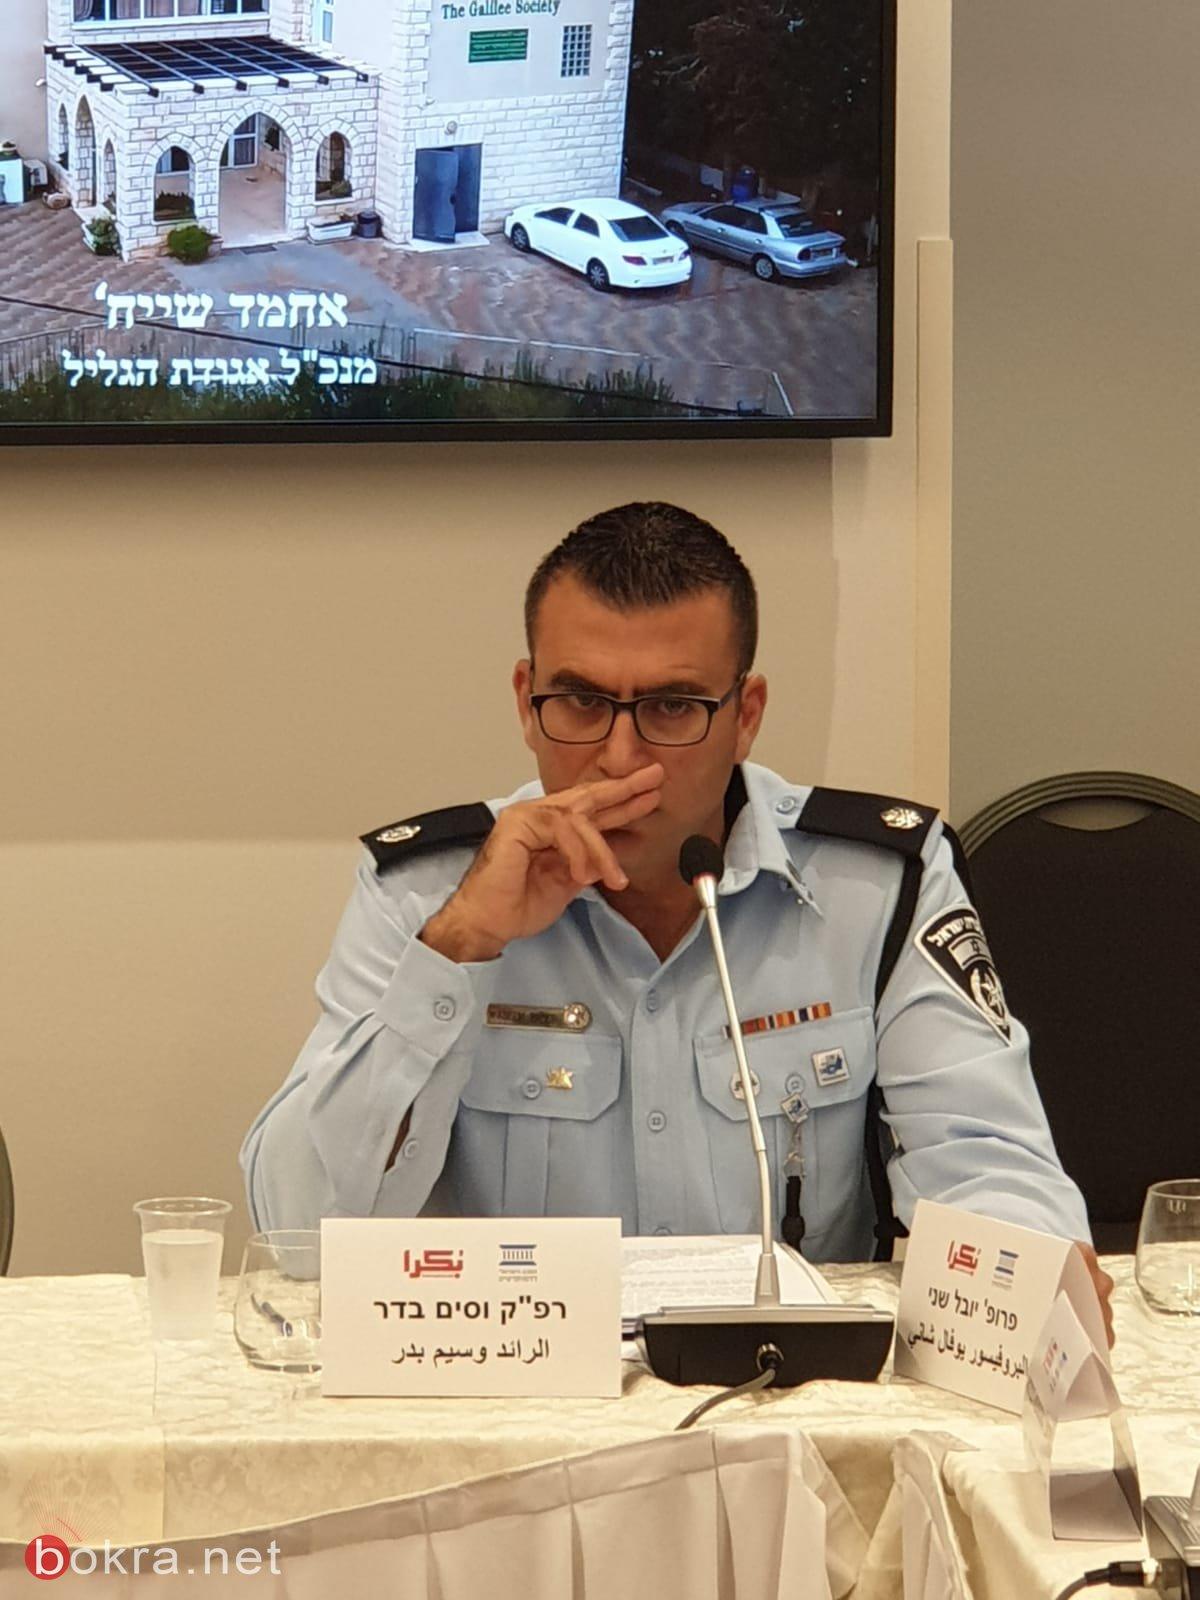 العنف في المجتمع العربي، أسبابه، والحلول لمكافحته؟ .. يوم دراسي في الناصرة-48